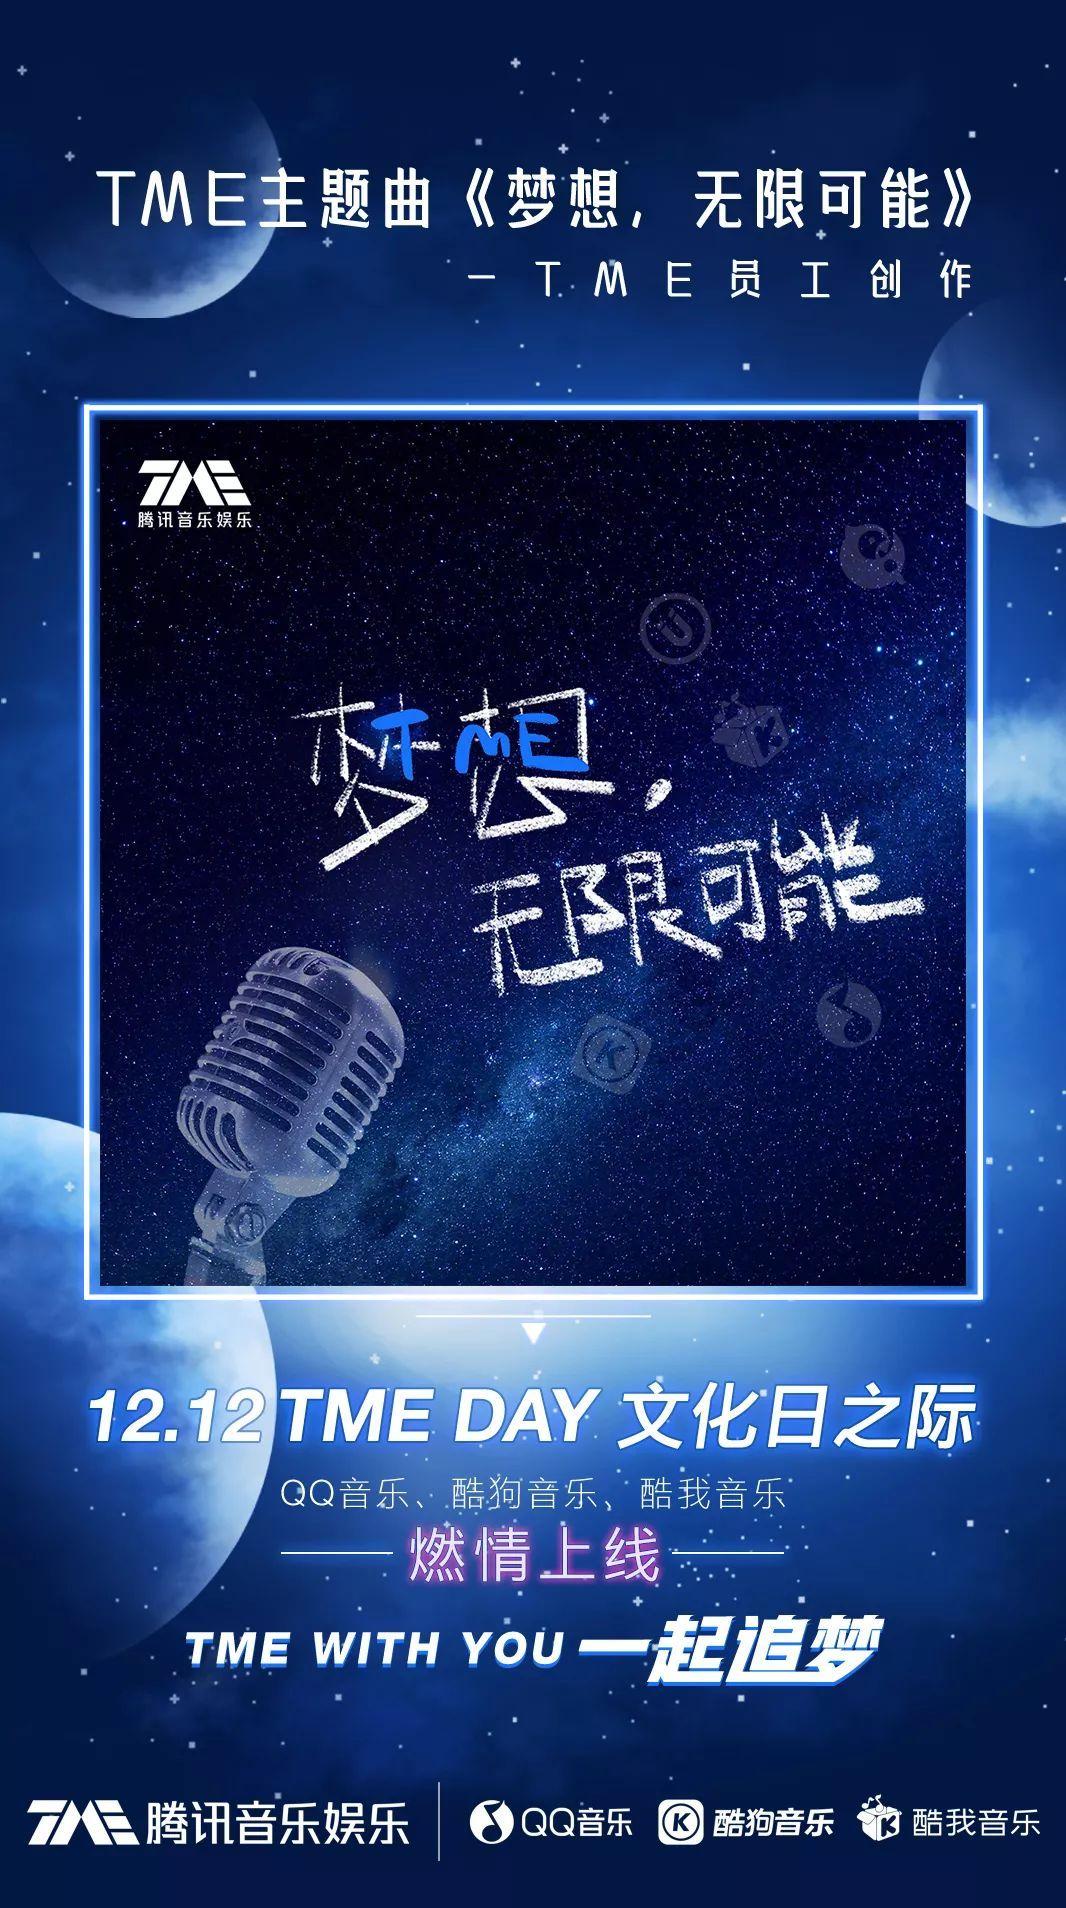 http://www.weixinrensheng.com/kejika/1235609.html